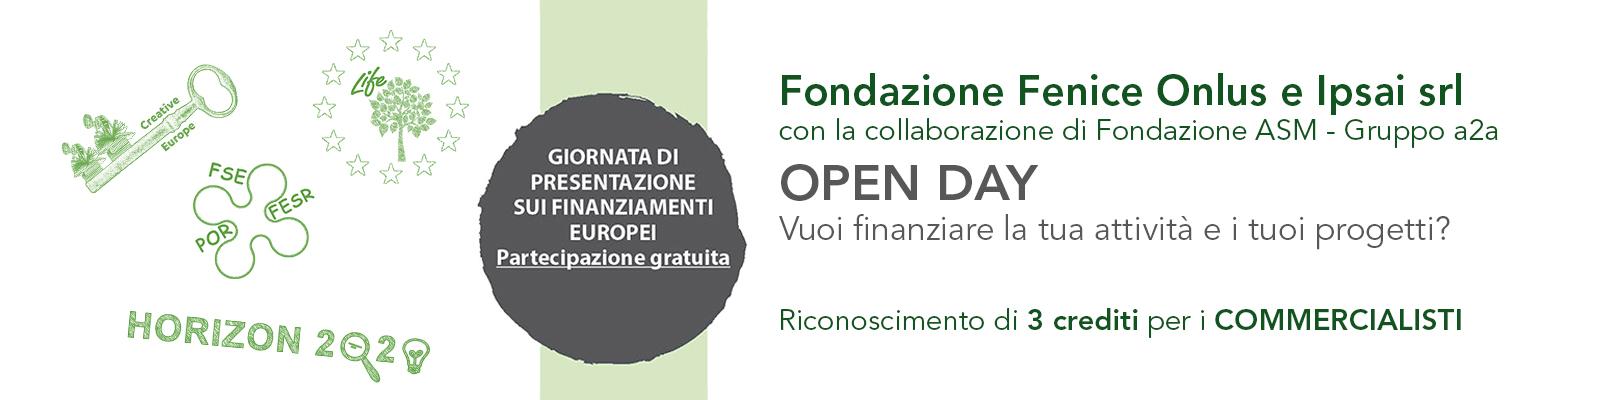 open day finanziamenti europei